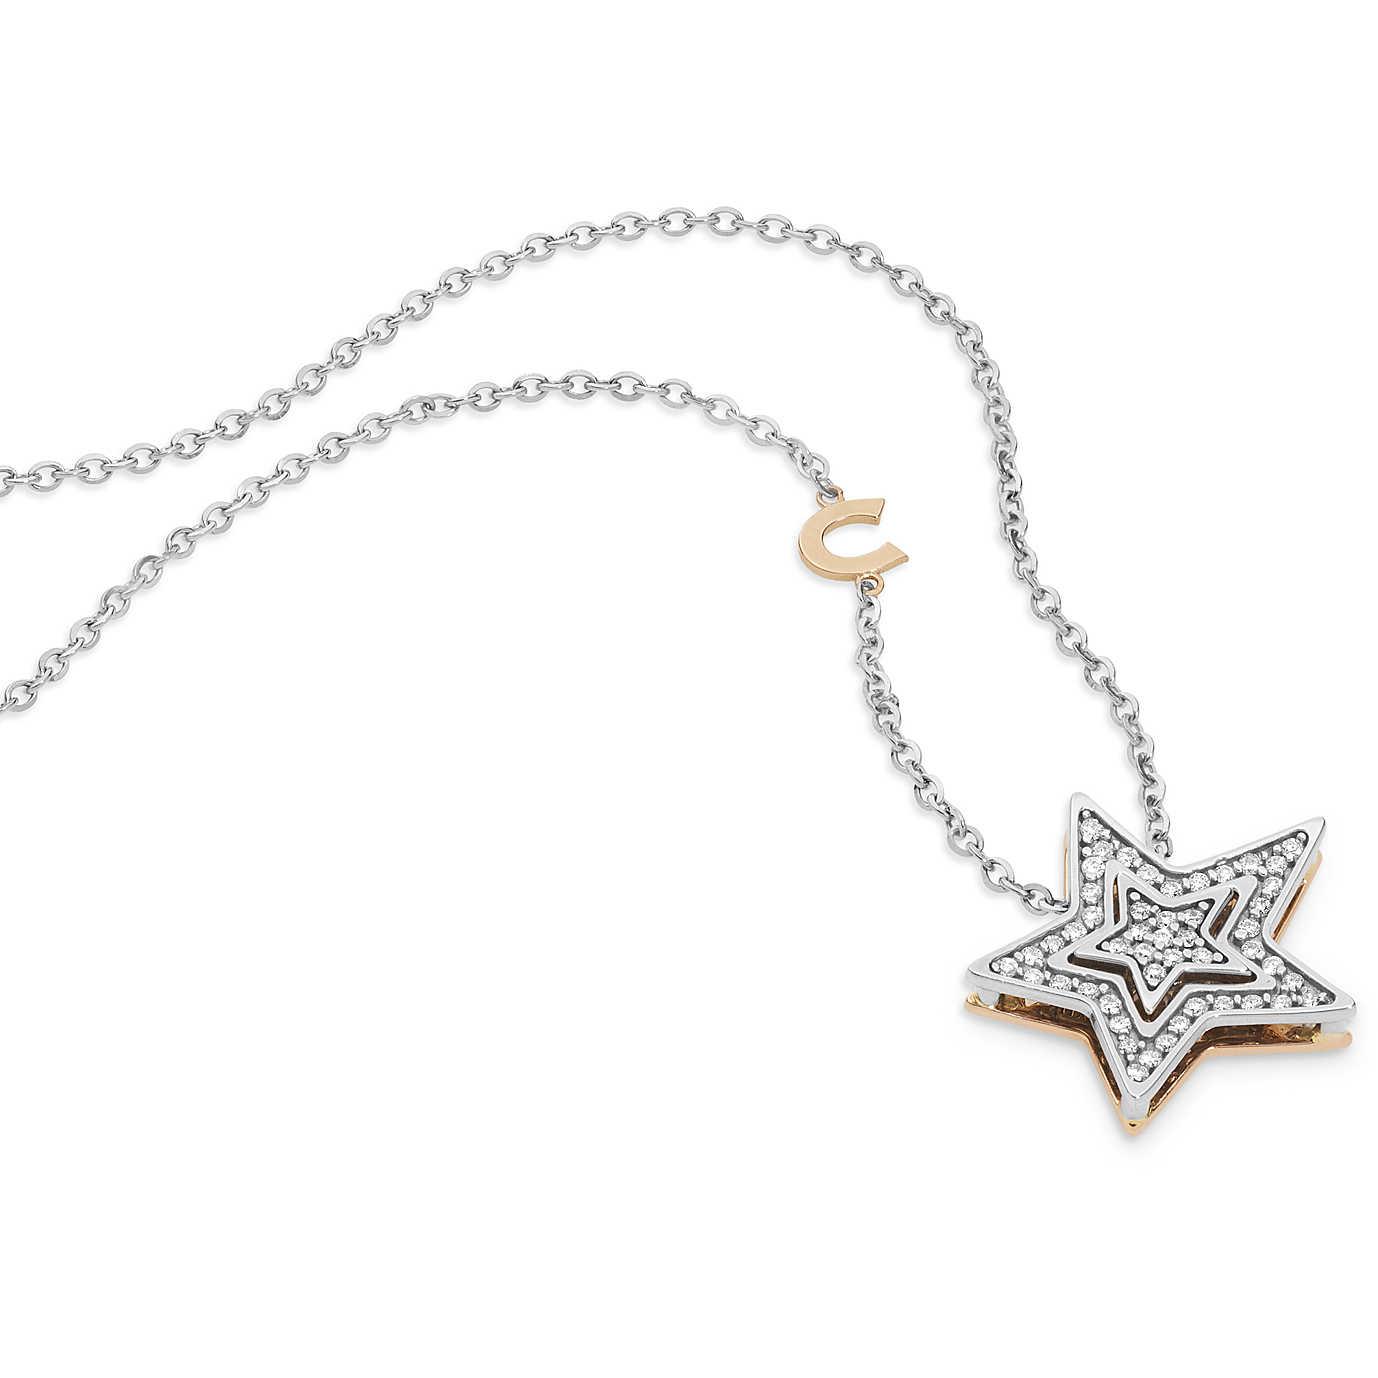 ea5d5c51217dc4 collana,donna,gioielli,comete,stella,glb,1446_292175_zoom ...